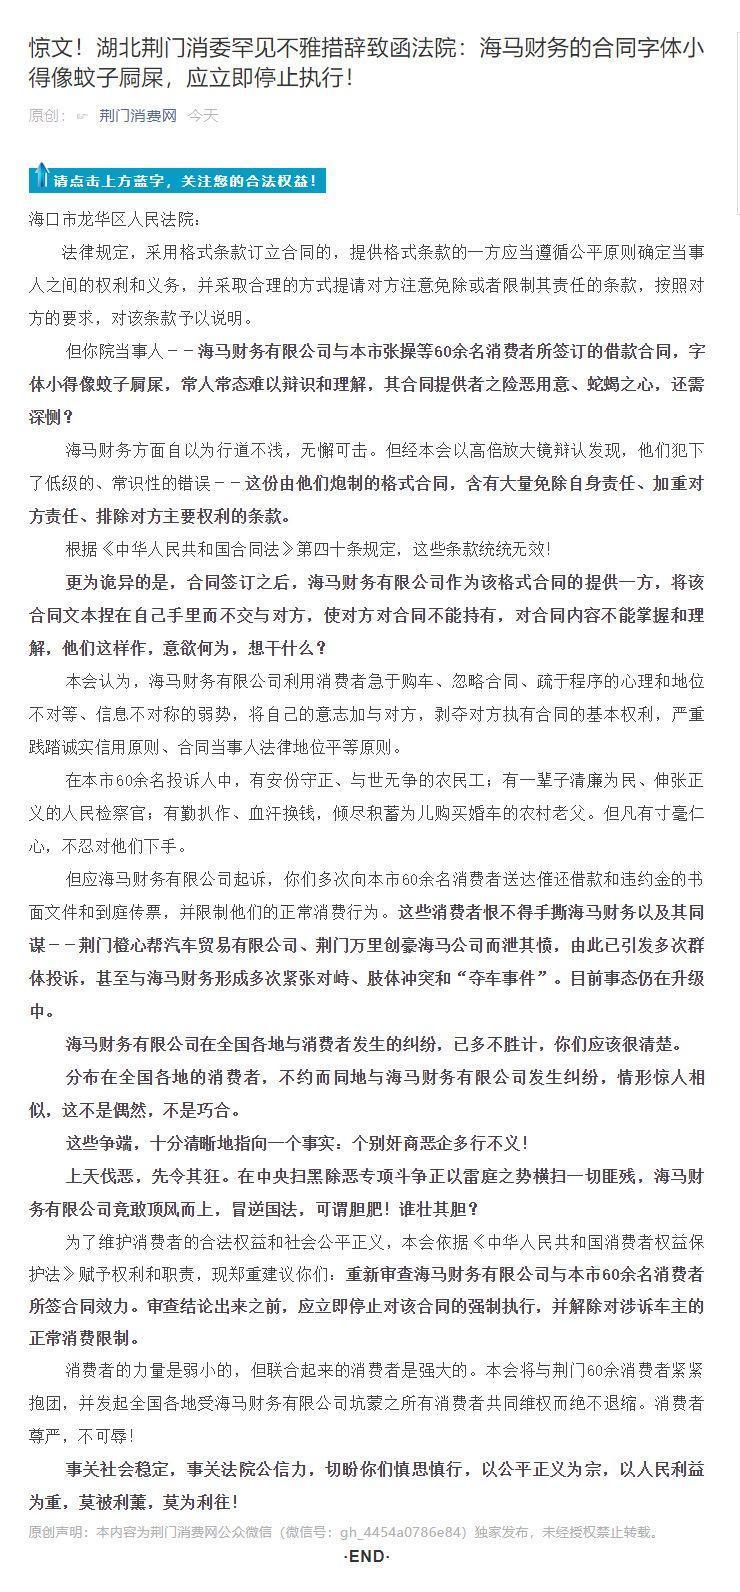 汽车信贷合同字迹太小 消委:像蚊子屙屎 应停止执行